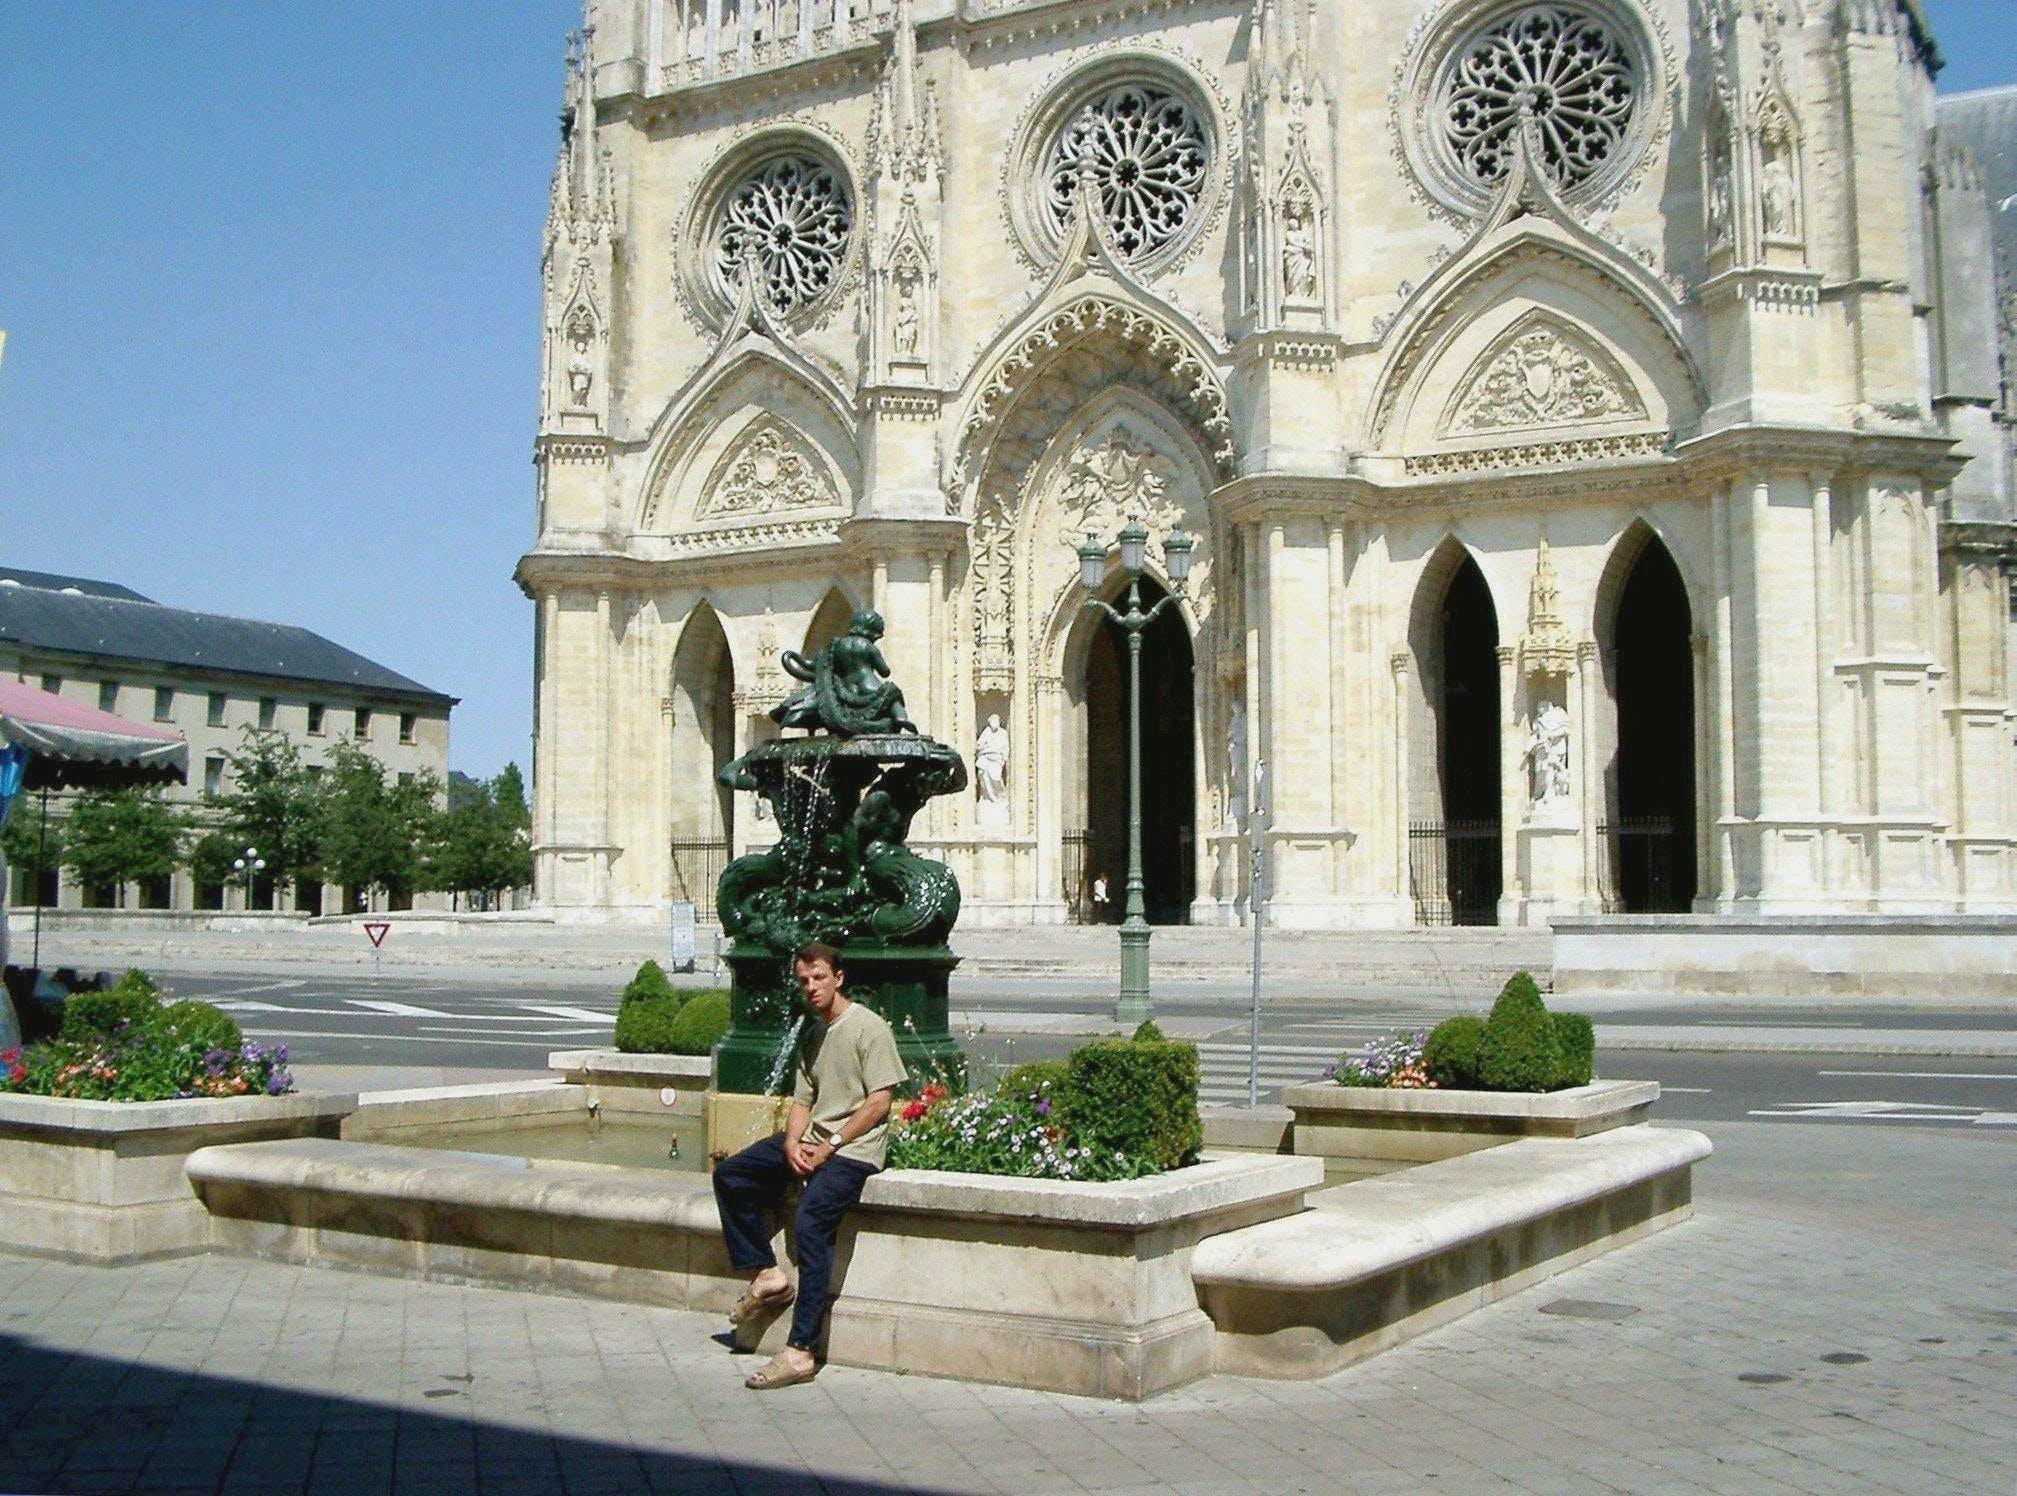 Free stock photo of france, orleans, Cathédrale Sainte-Croix d'Orléans, Orléans Cathedral